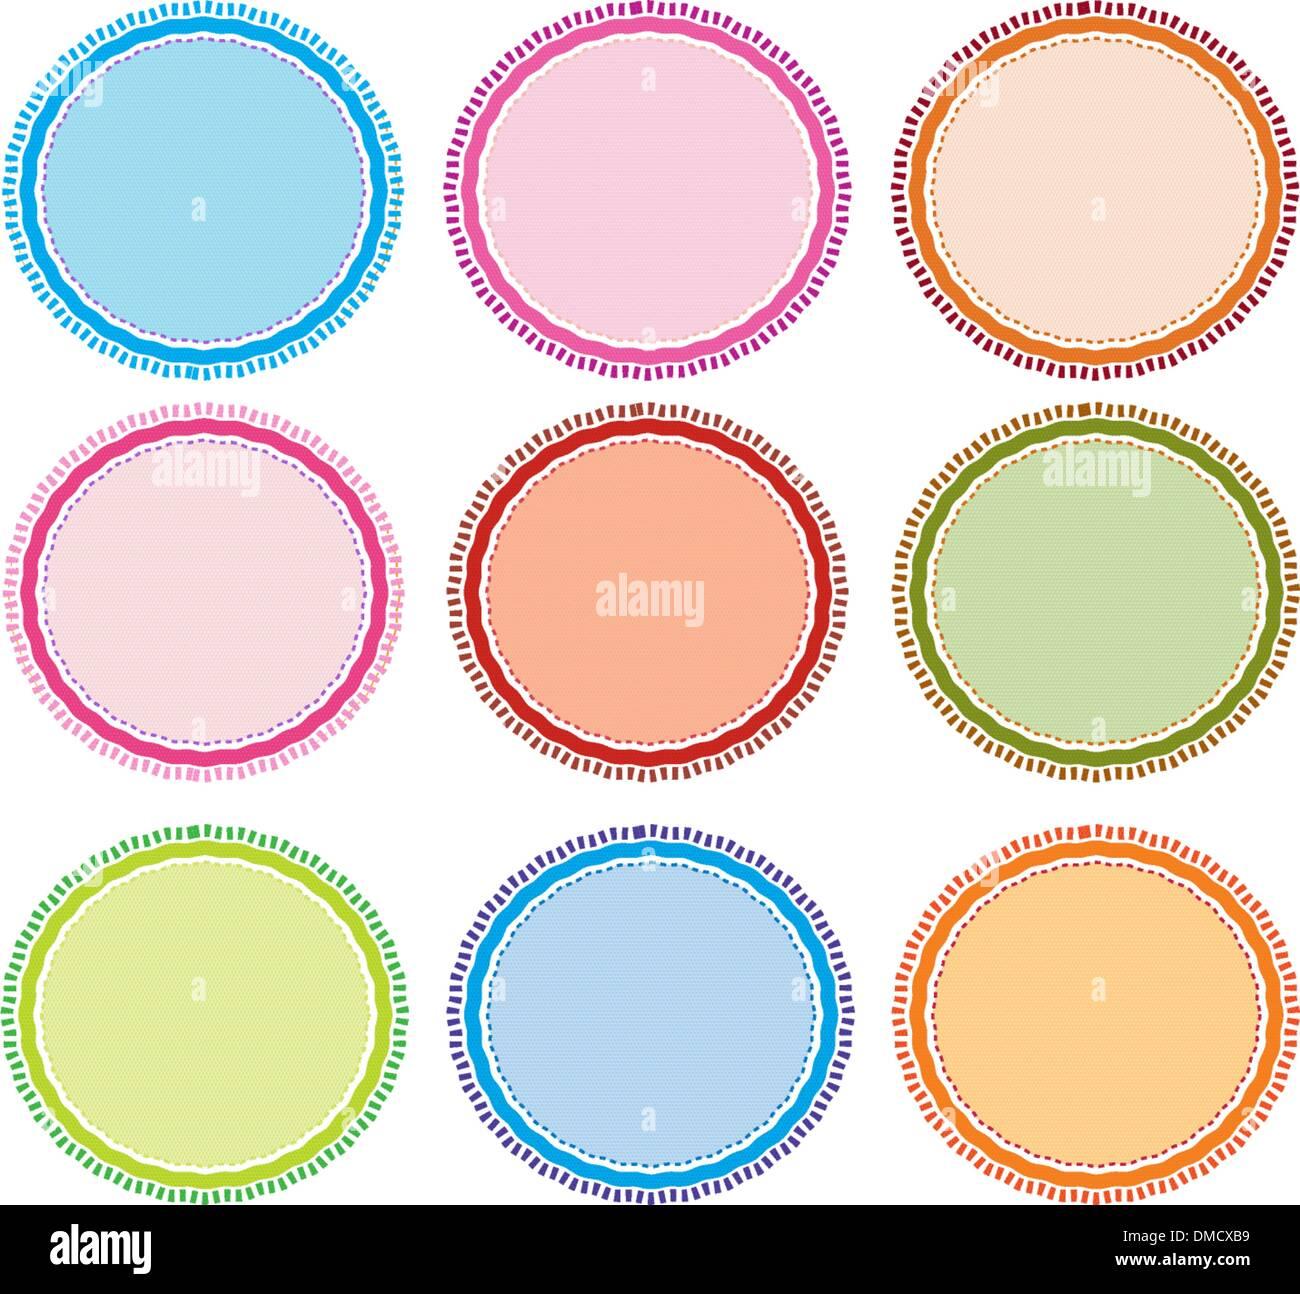 Cornici Colorate Per Foto illustrazione colorata set di cornici di cerchio per la